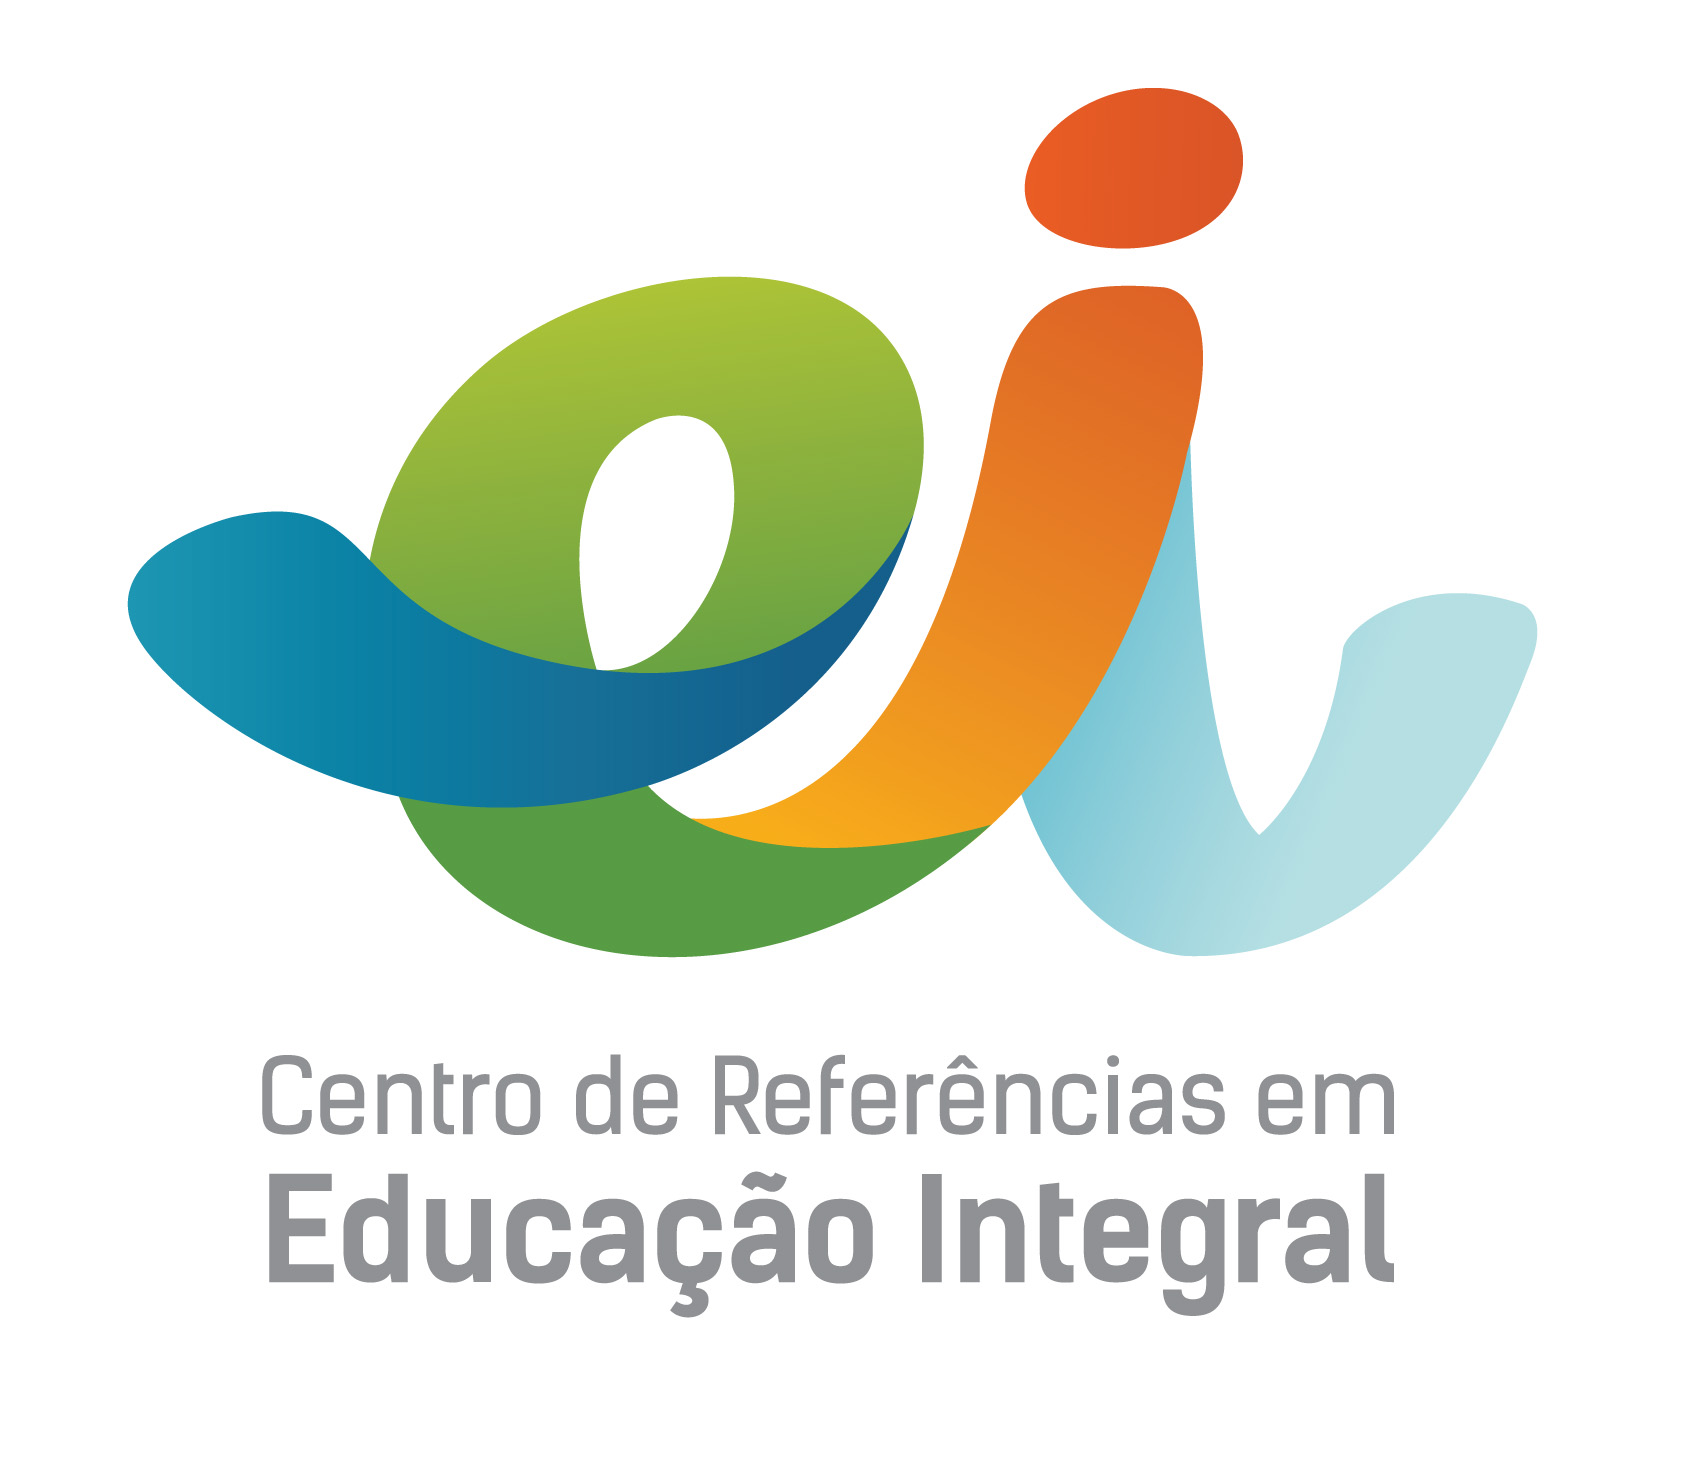 Centro de Referência em Educação Integral